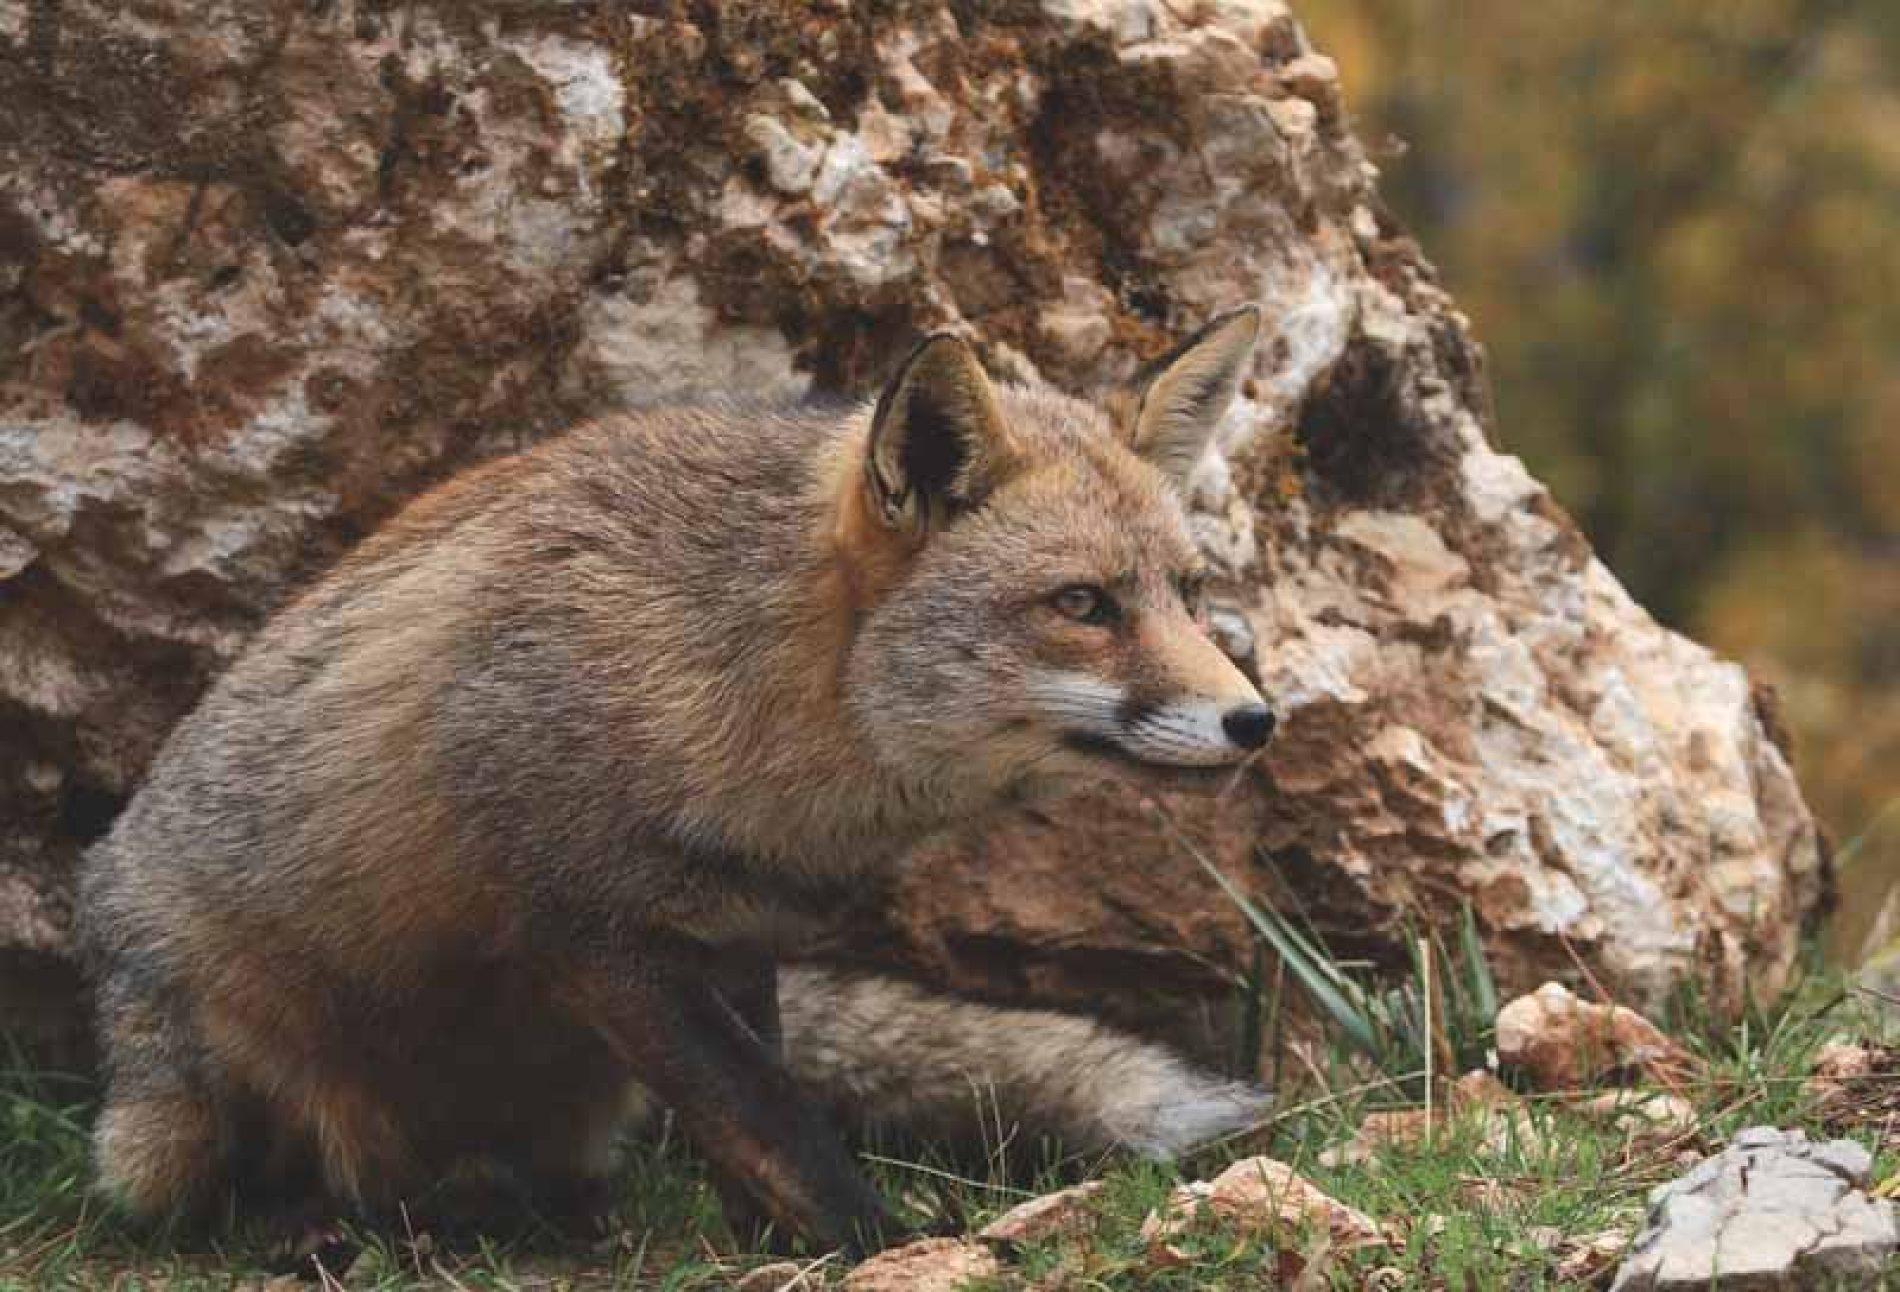 Es necesario cazar zorros como gestión o por interés cinegético